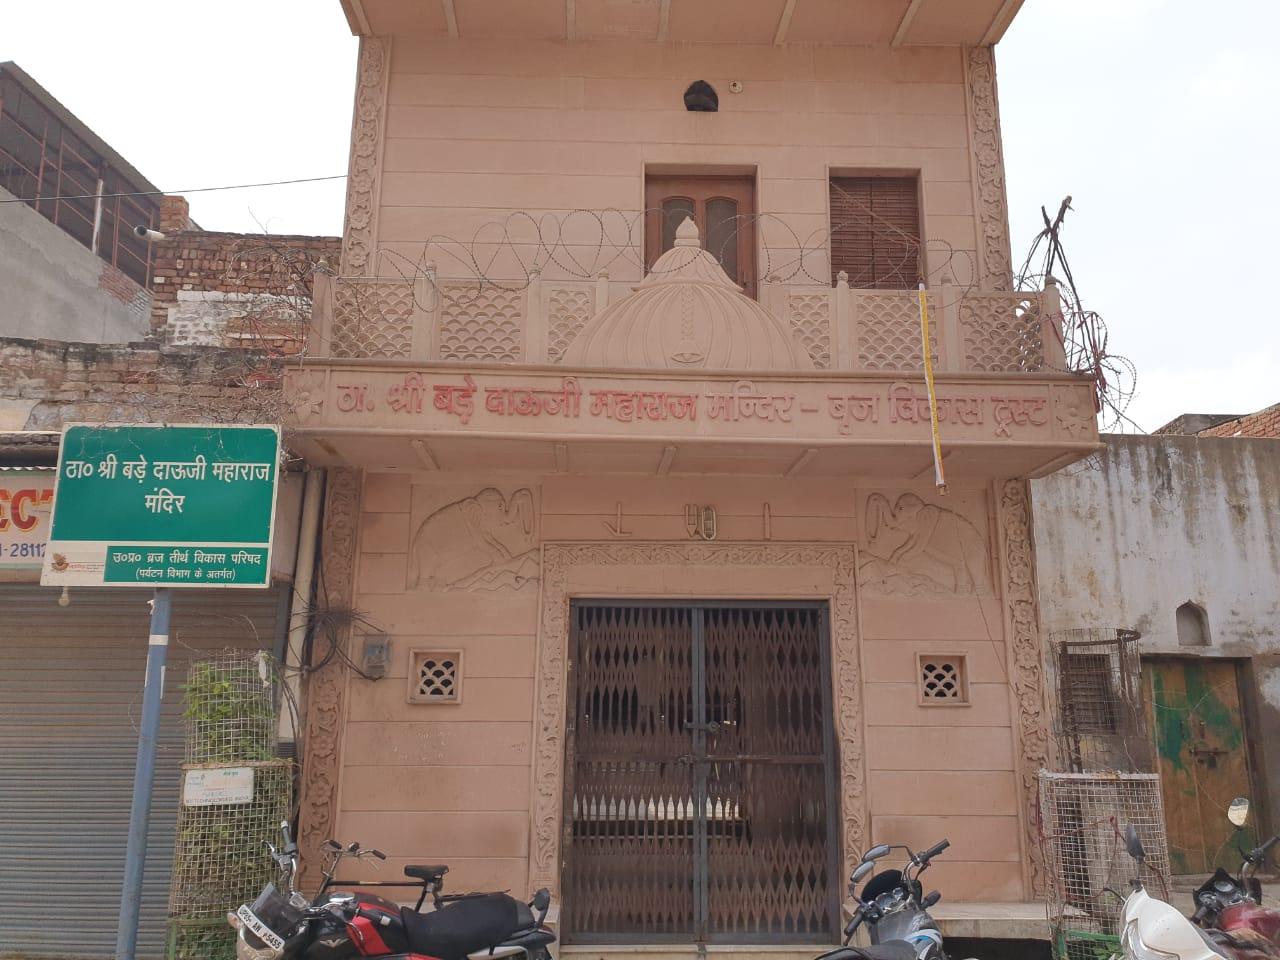 श्री कृष्ण के बड़े भाई बलराम के जन्मोत्सव की तैयारियों में जुटा बृज , मन्दिरों में होंगे विविध धार्मिक आयोजन|मथुरा,Mathura - Dainik Bhaskar